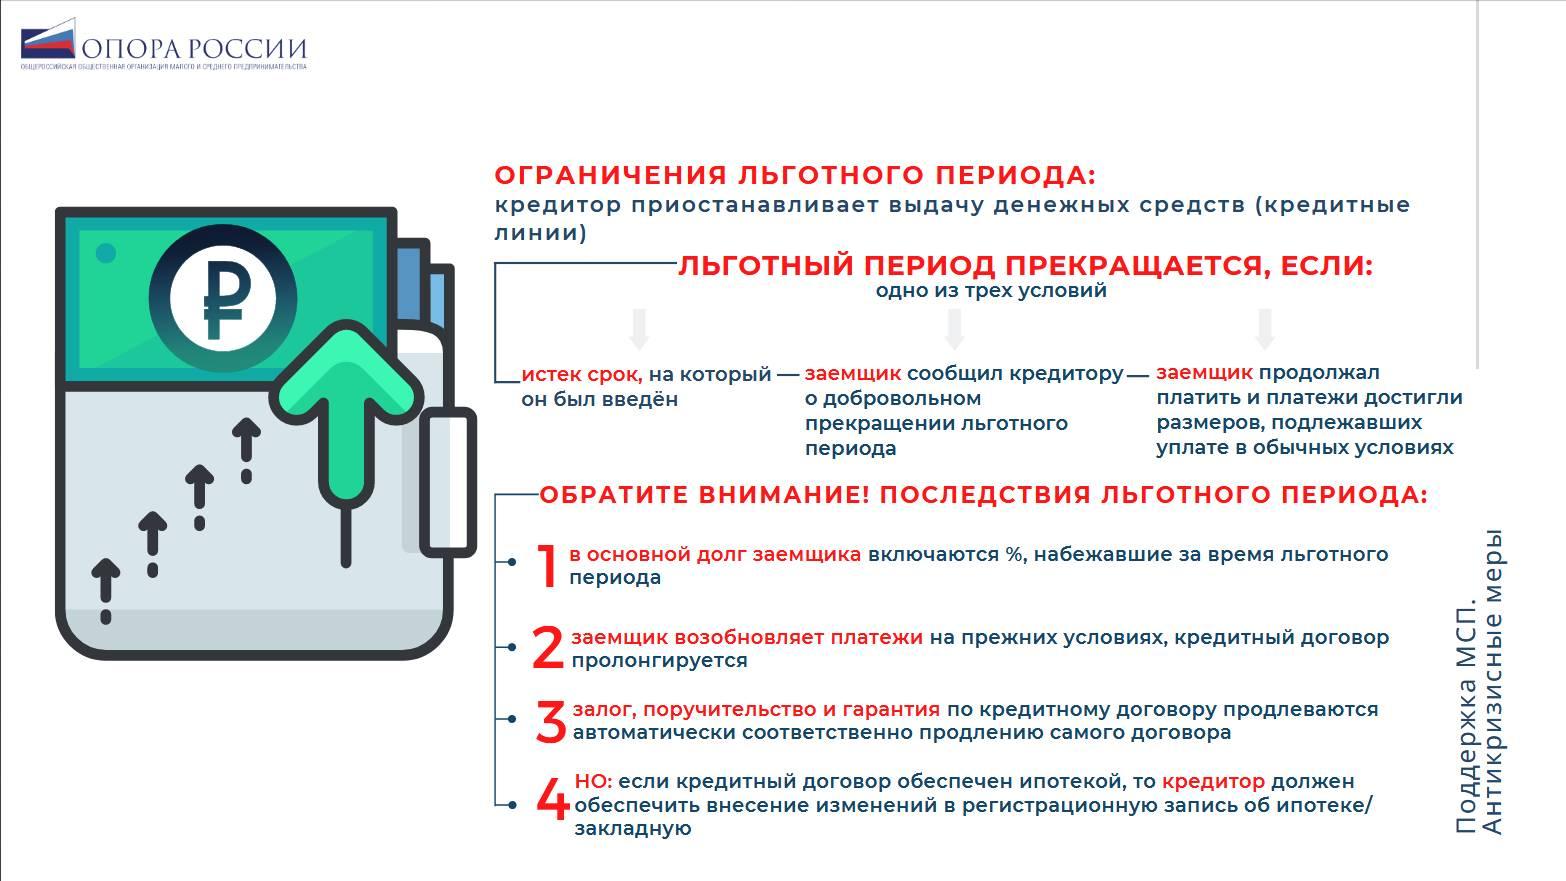 Рекомендации для предпринимателей при обращении за финподдержкой